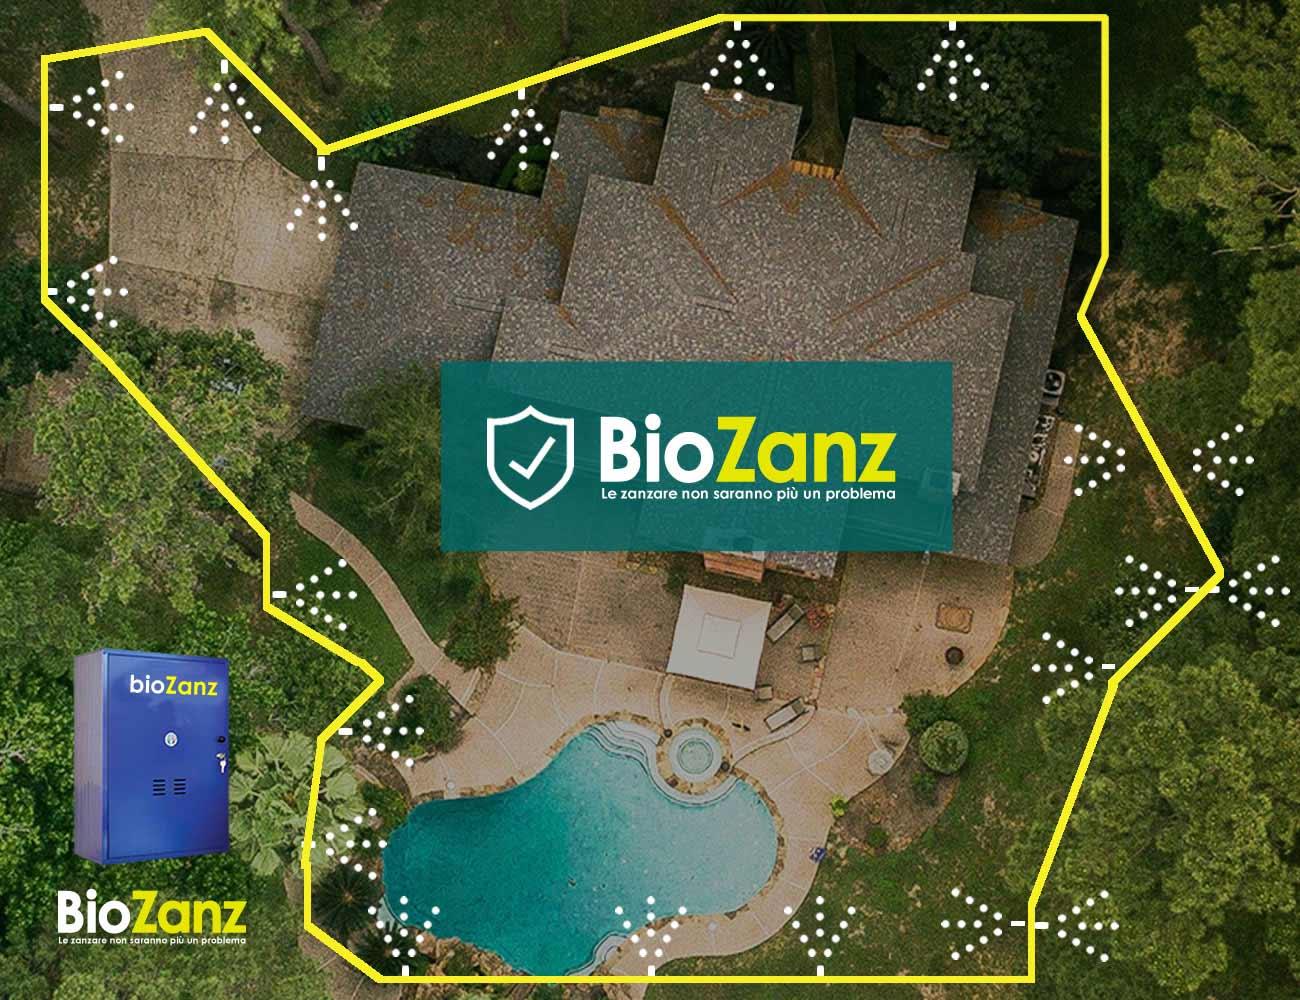 Barrière anti-moustiques avec système pour villas, jardins et parcs